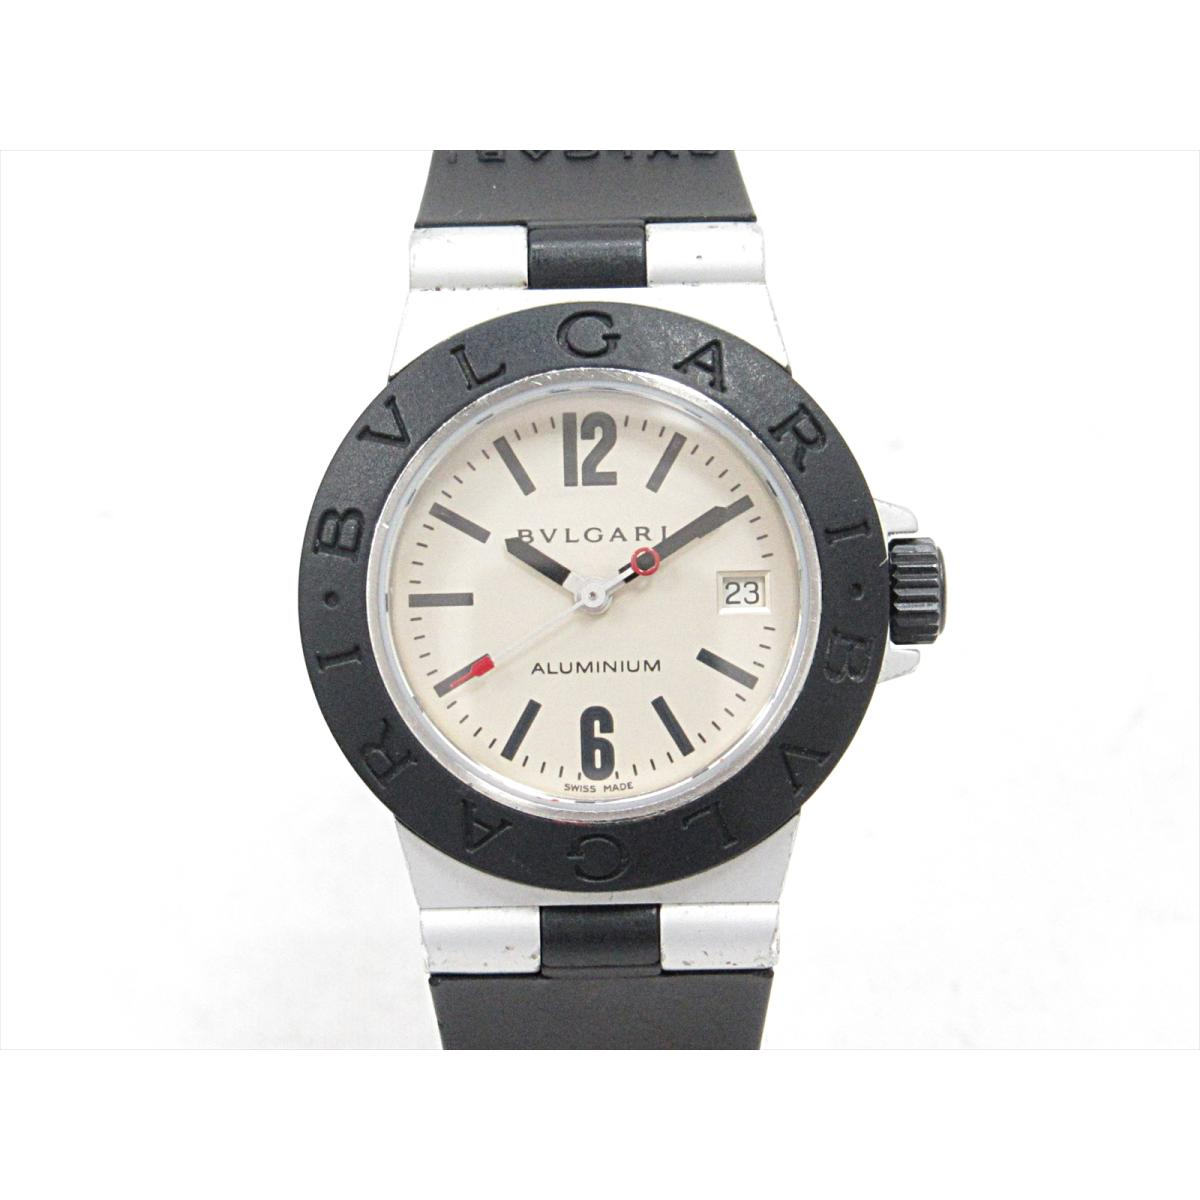 【最大24回無金利】 ブルガリ アルミニウム 腕時計 ウォッチ 時計 レディース アルミニウムxラバーベルト (AL29A) 【中古】 | BVLGARI BRANDOFF ブランドオフ ブランド ブランド時計 ブランド腕時計